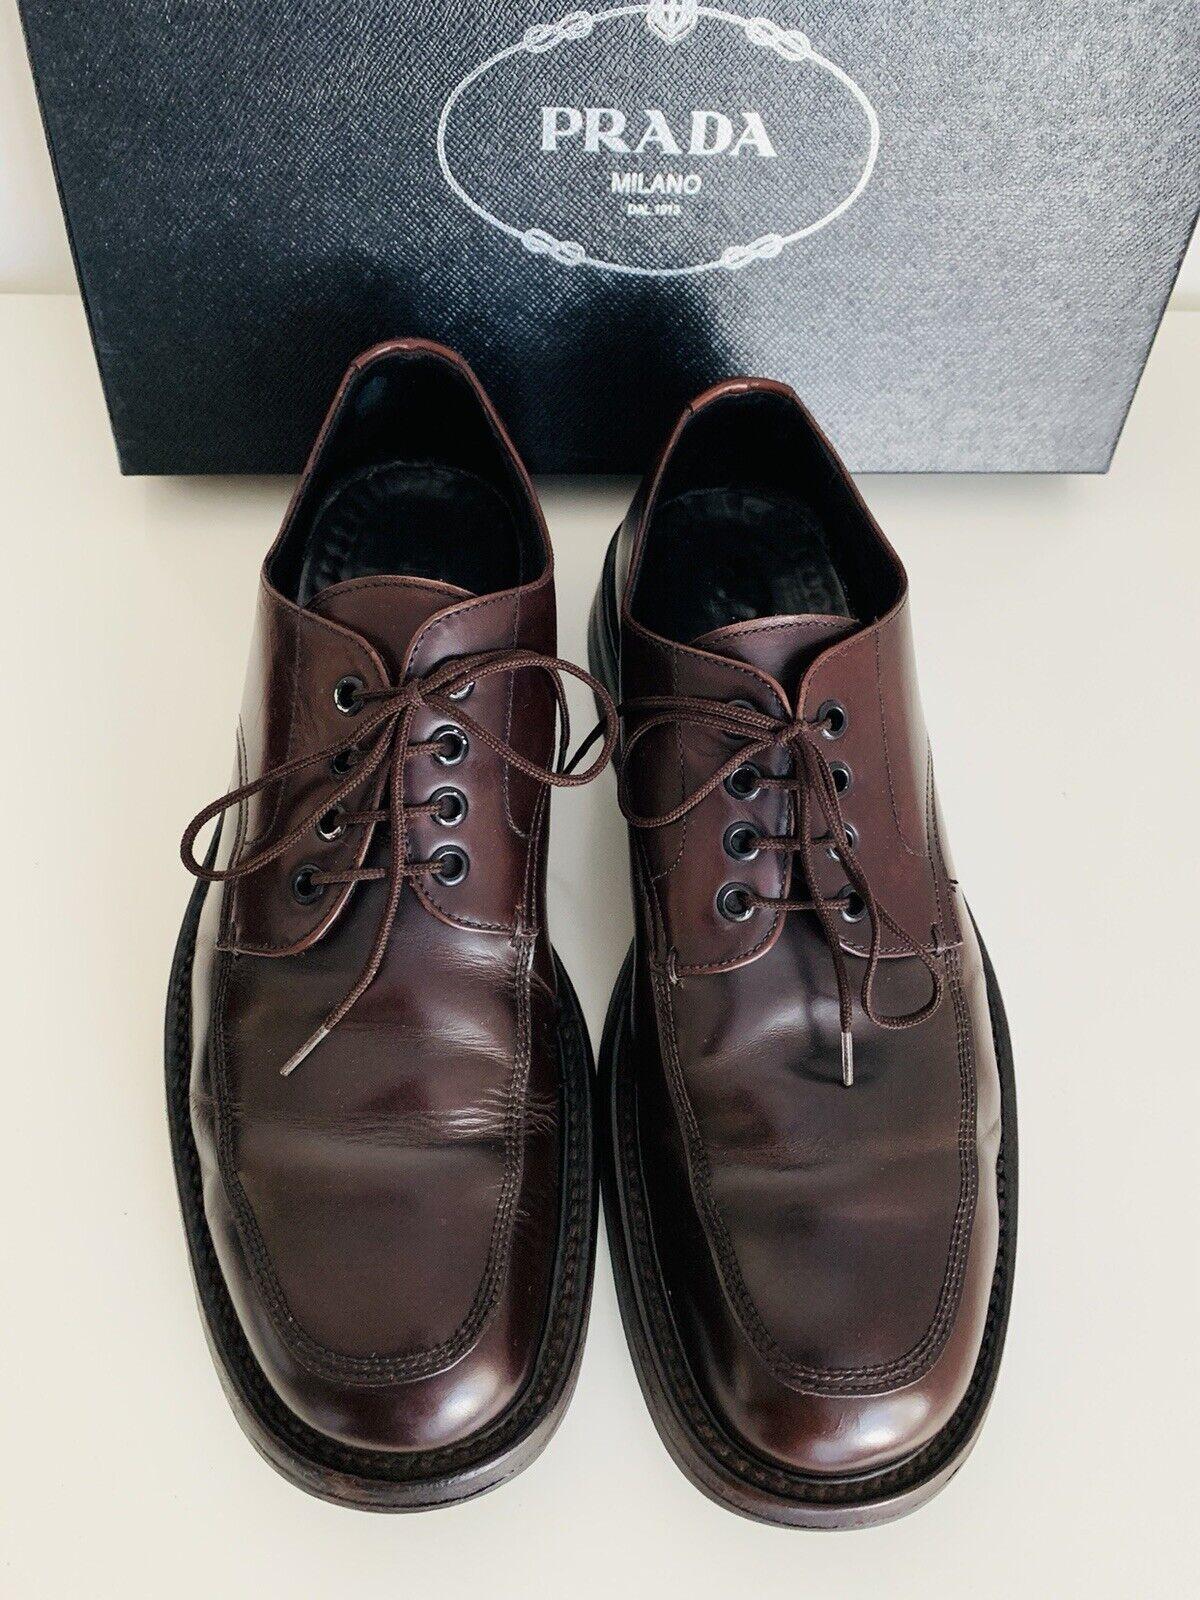 Prada Hombre Marrón Cuero Con Cordones Zapatos Talla  8.5